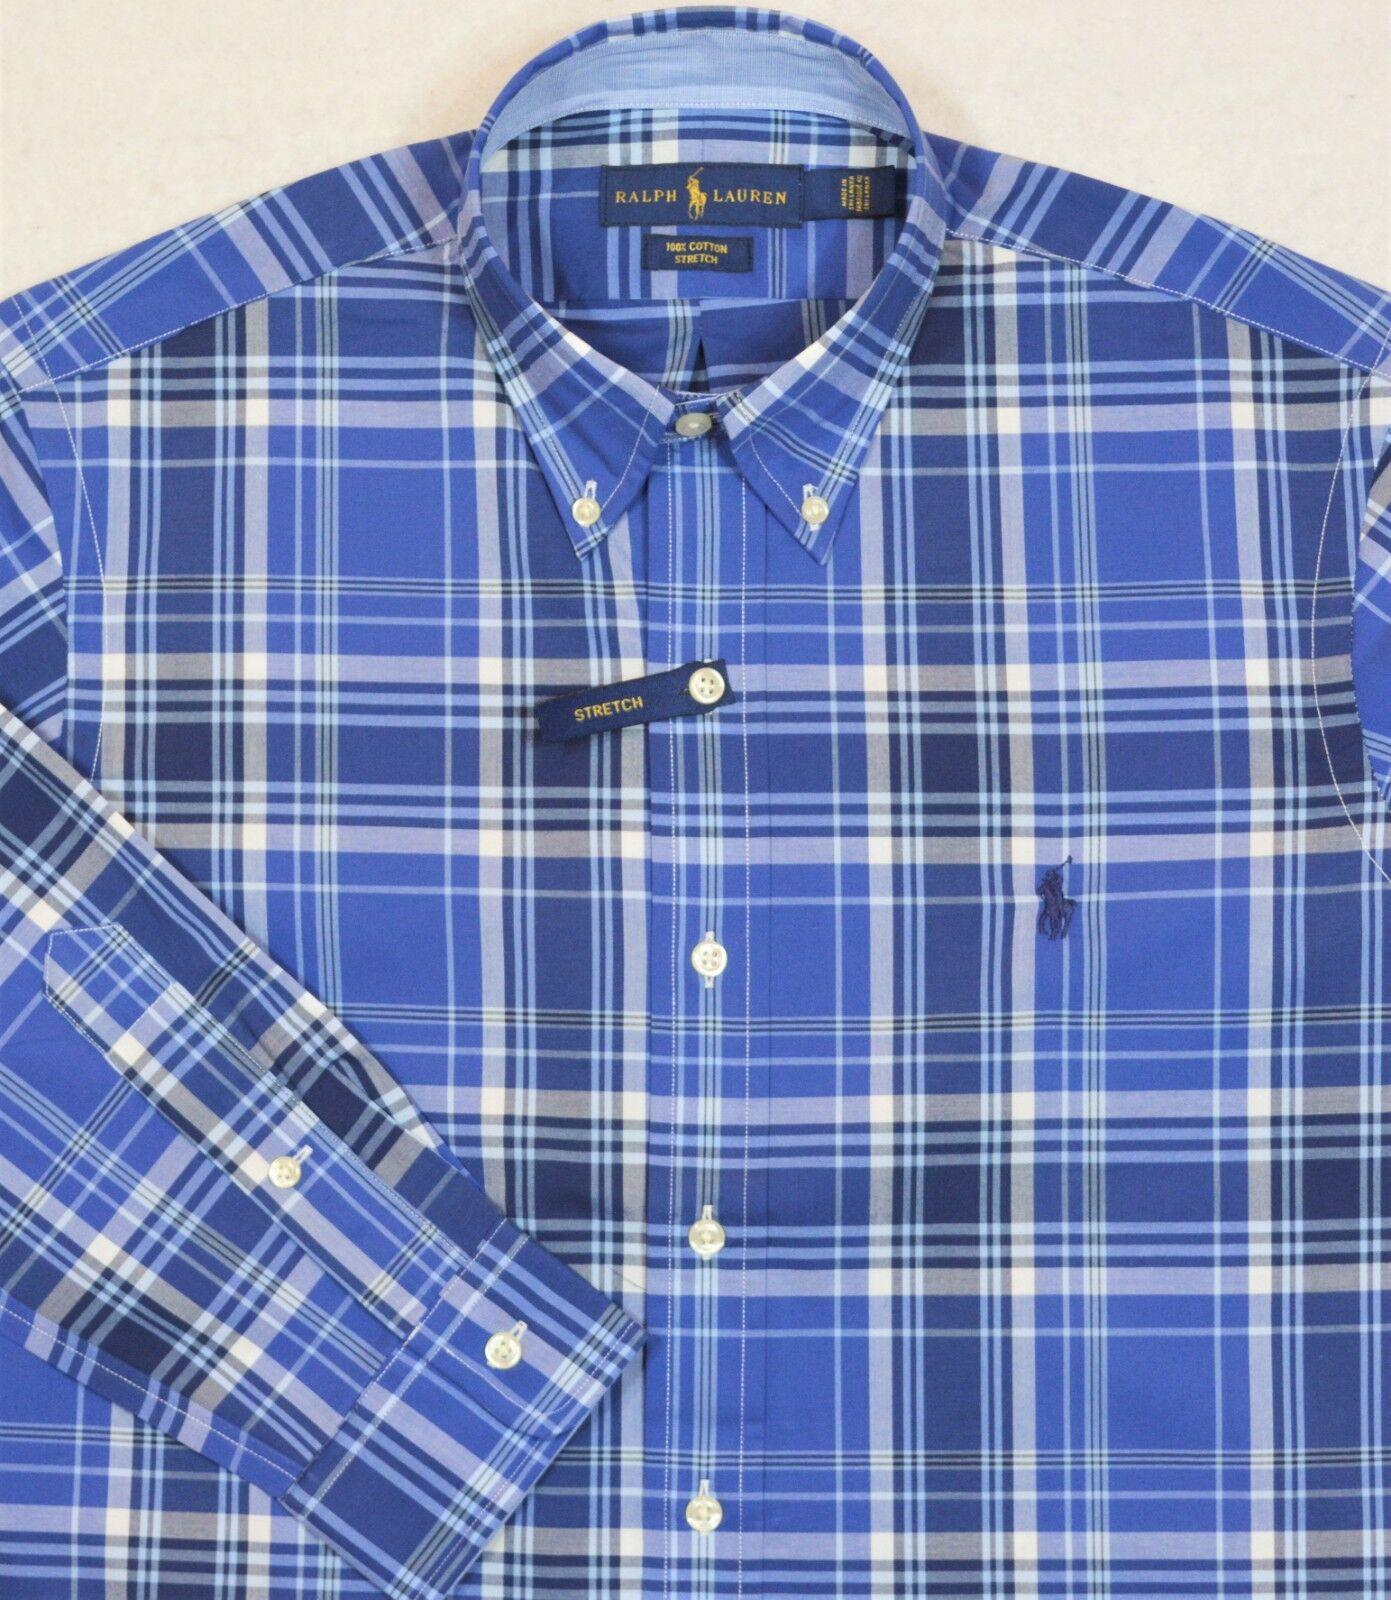 Ralph Lauren Plaid Button Front Cotton Stretch Shirt 3XB 3XLT 4XB NWT